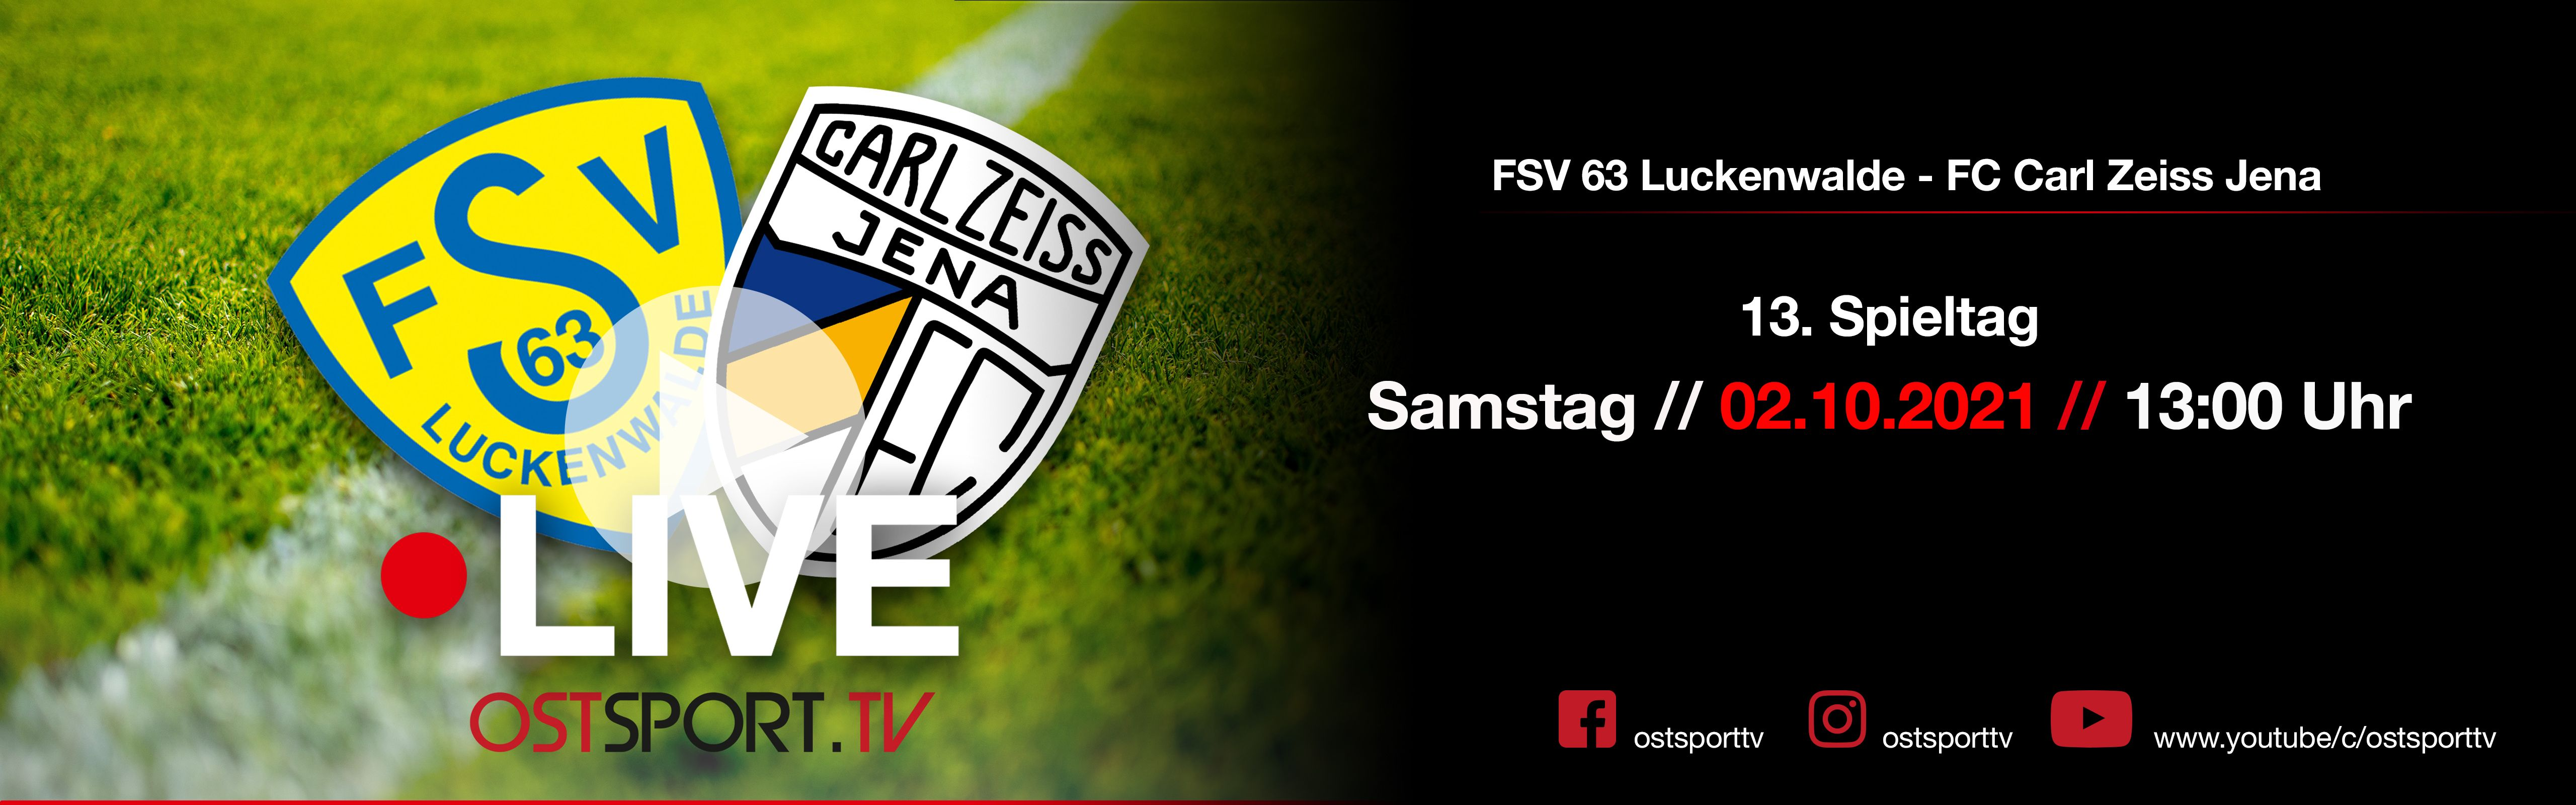 13. Spieltag LIVE auf OSTSPORT.TV